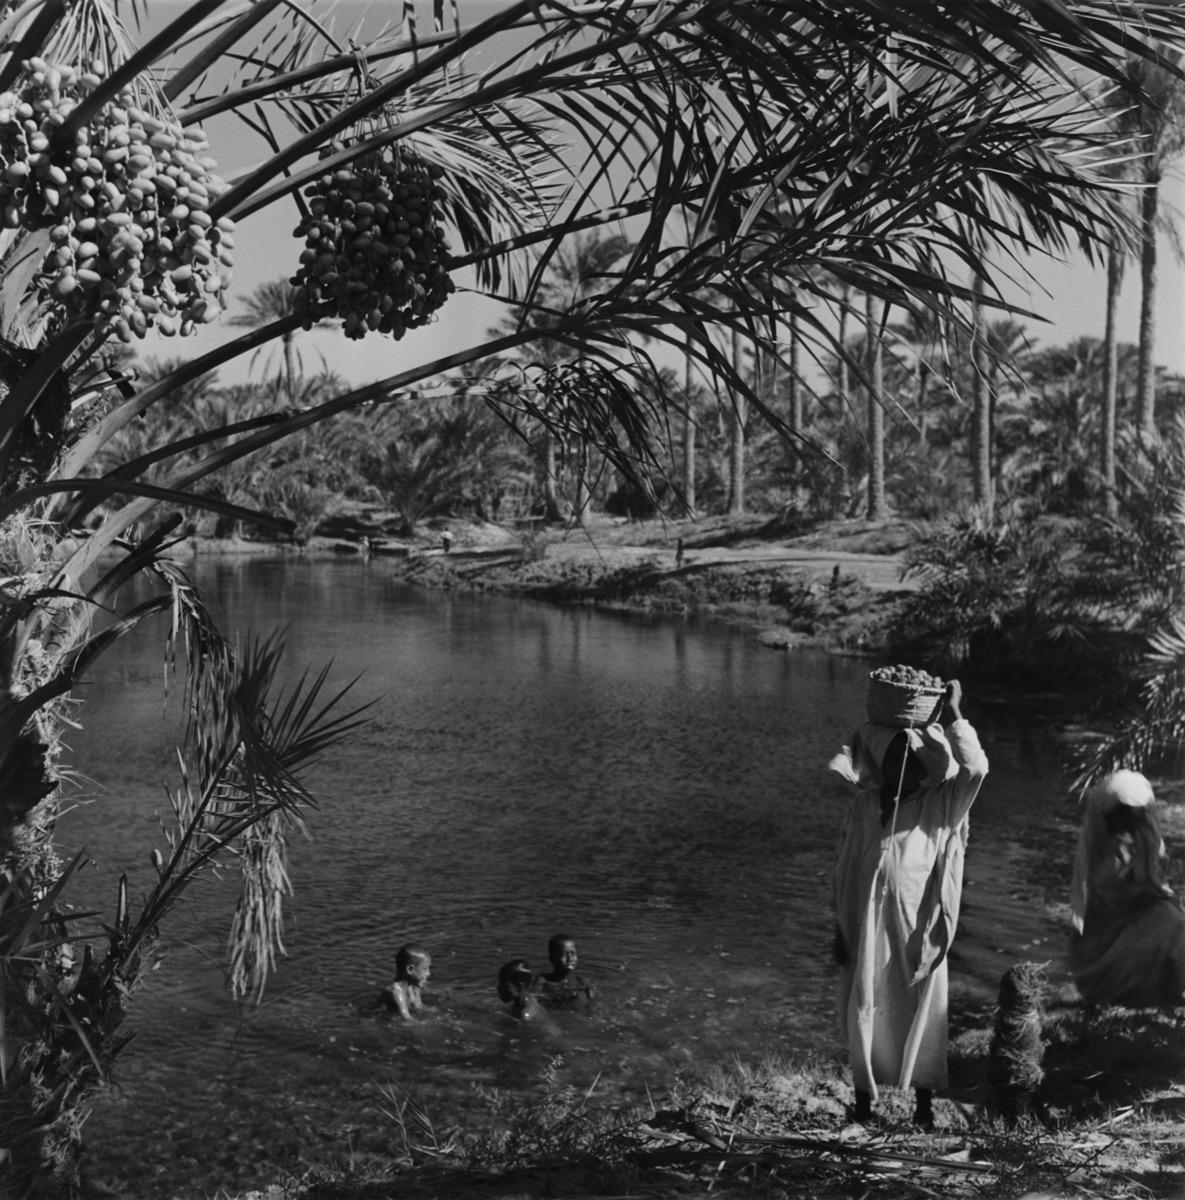 صورة نادرة لجامعي التين والتمر في واحة الهفوف مع أطفال يسبحون